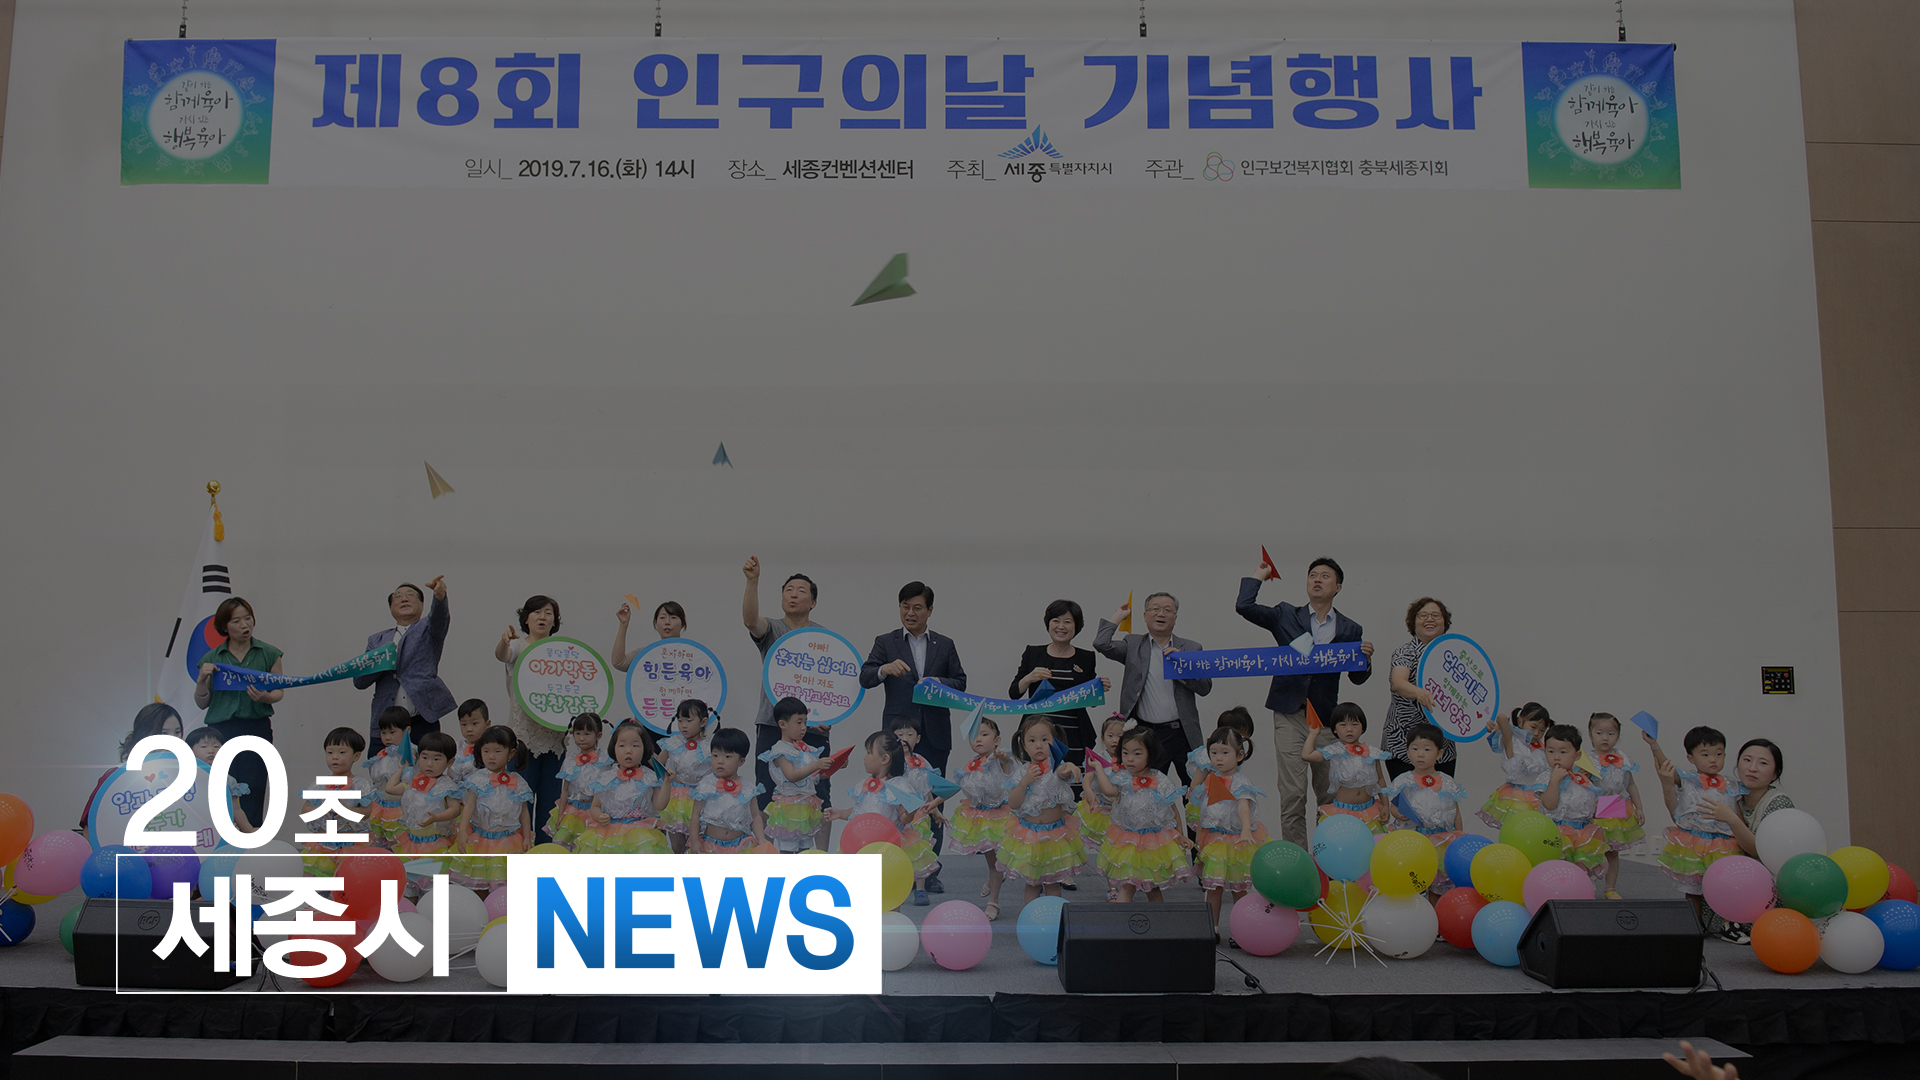 <20초뉴스> 인구의 날 개최